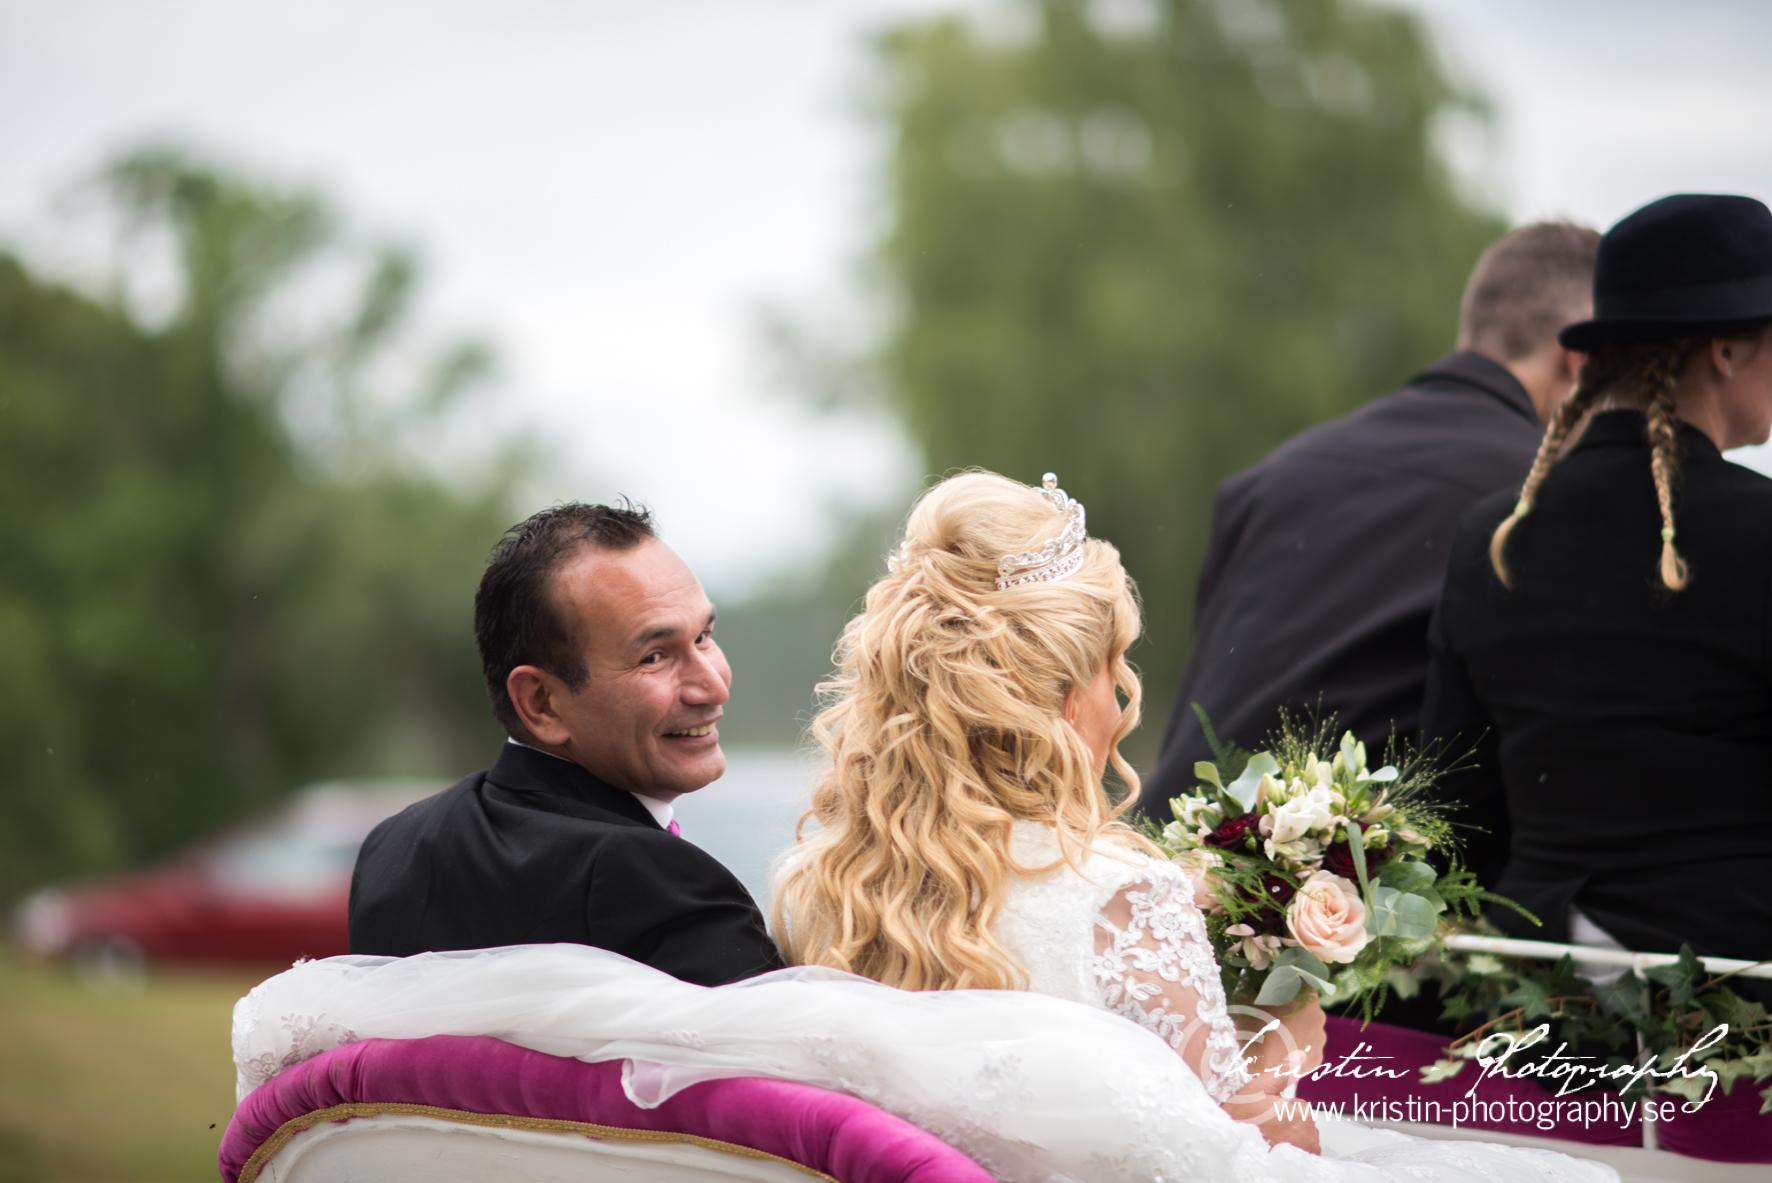 Bröllopsfotograf i Eskilstuna, Kristin - Photography-251.jpg